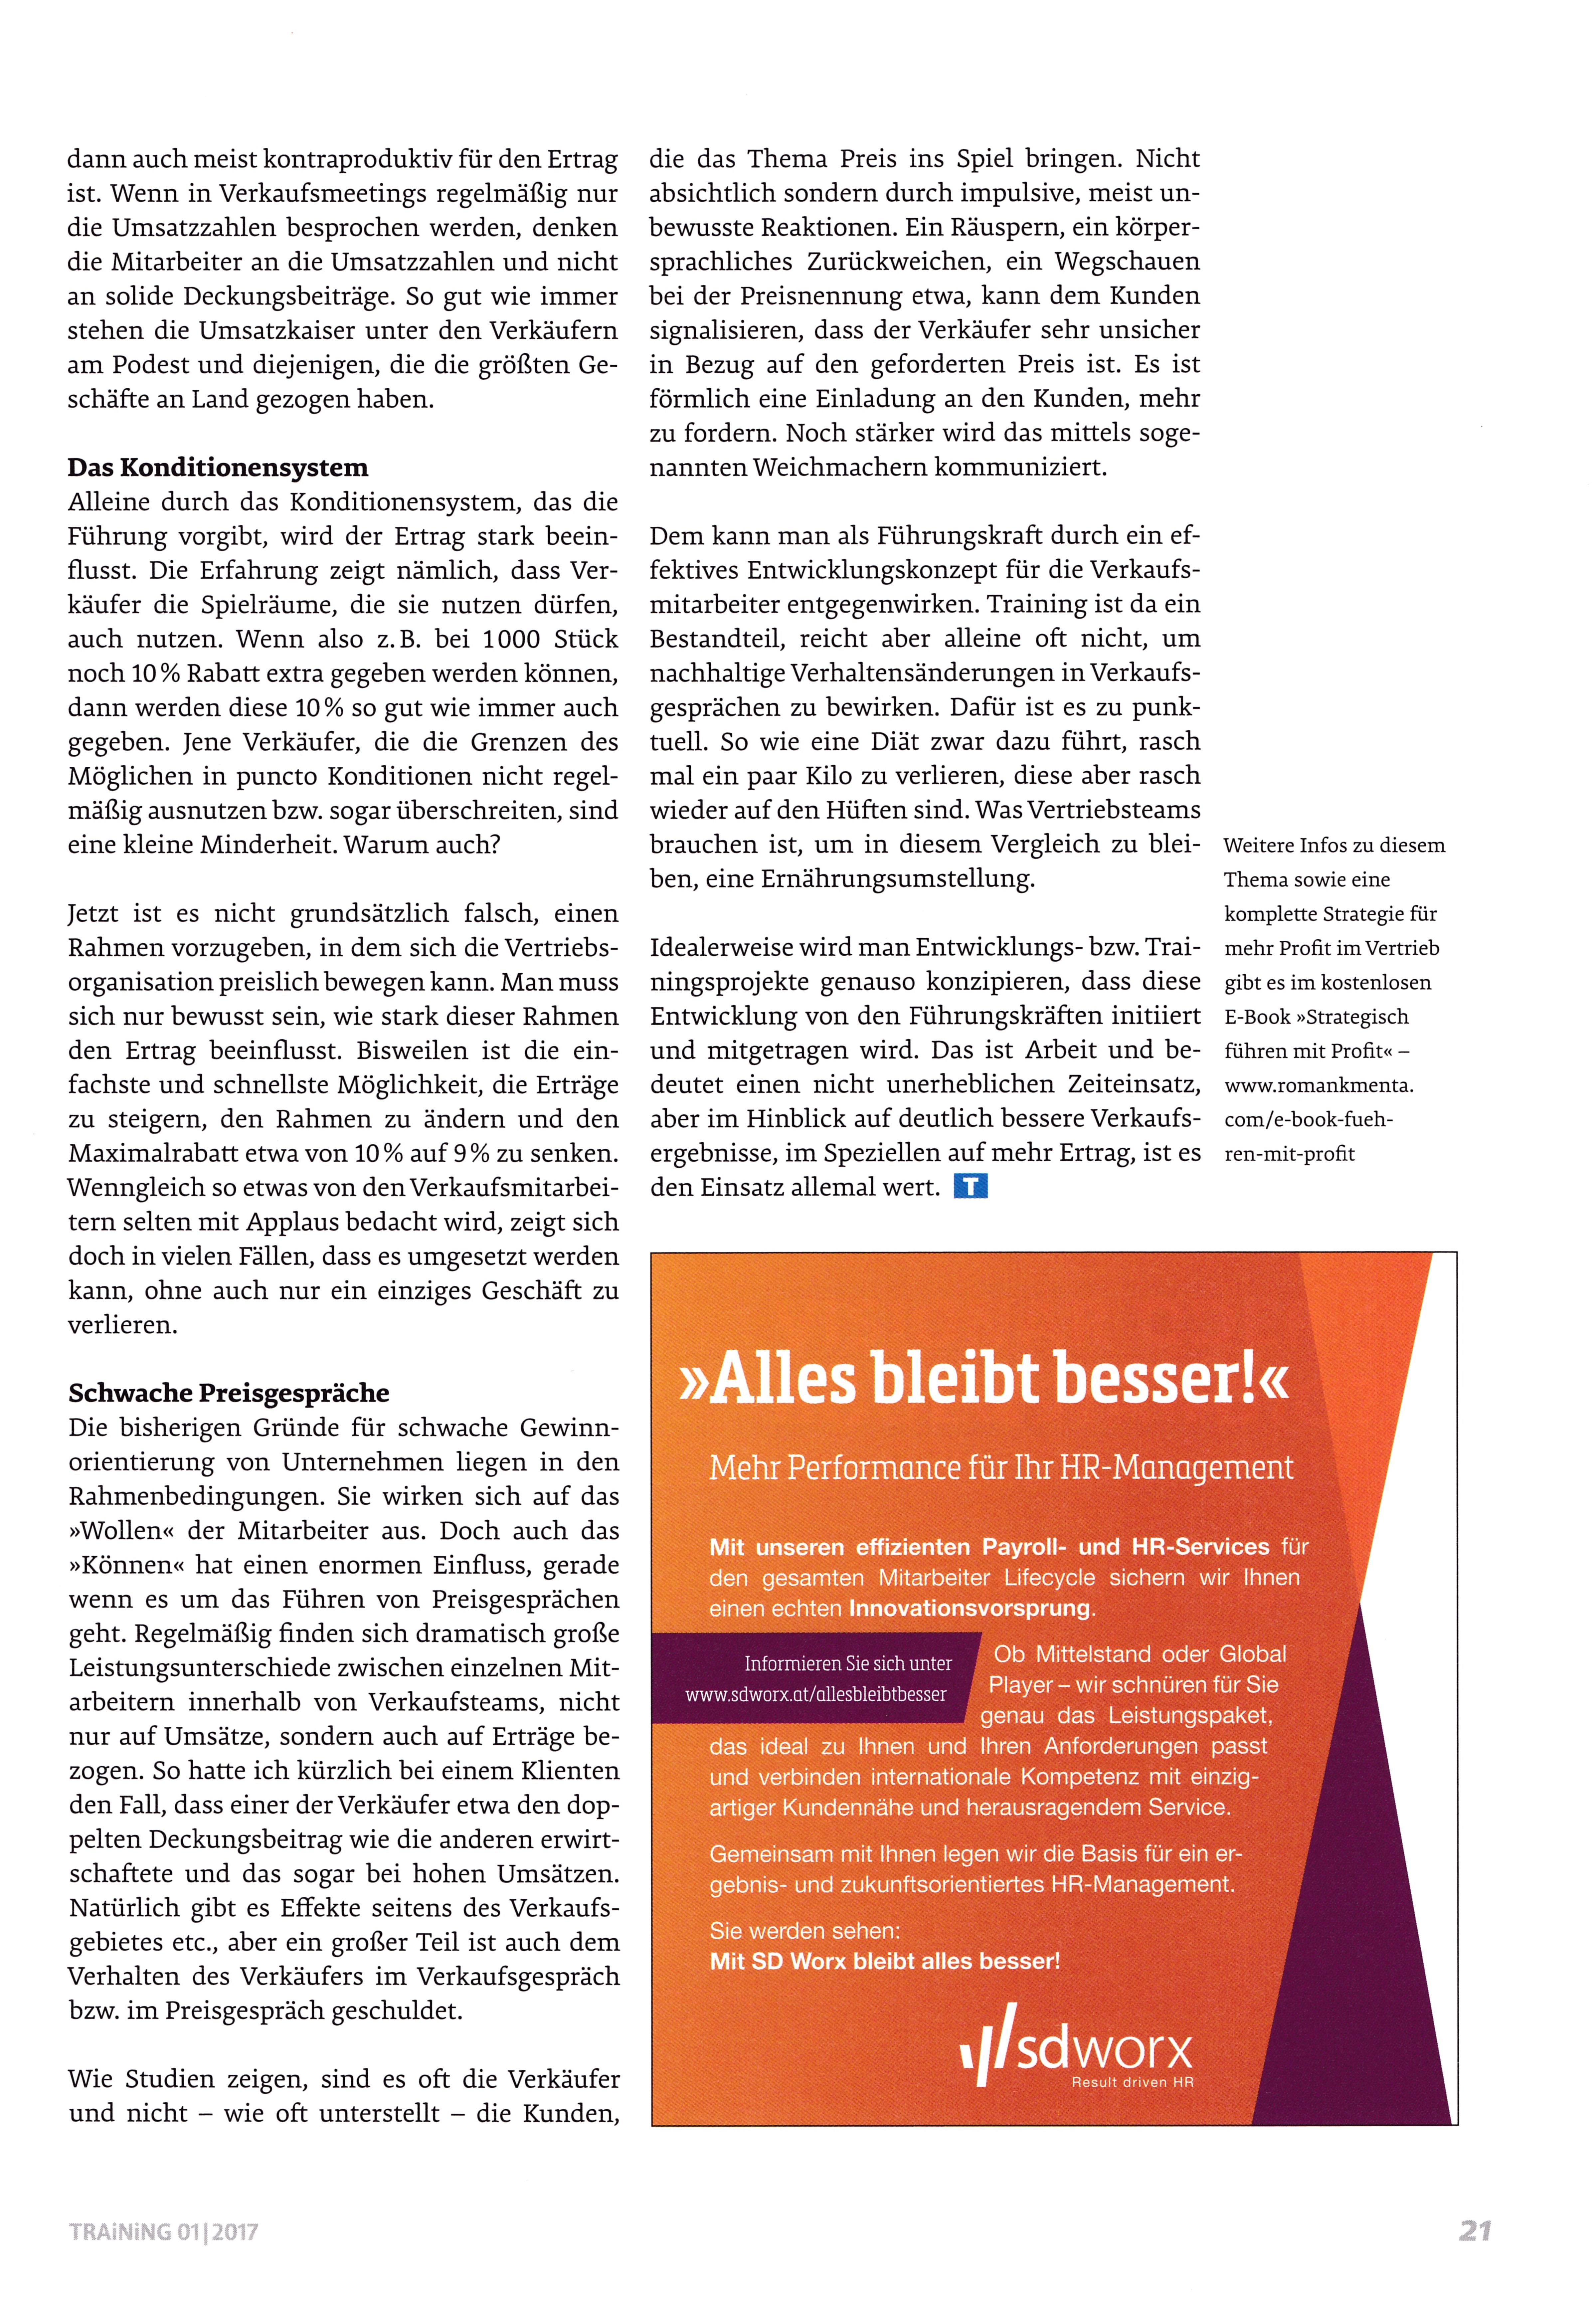 Magazin Training 01-2017 - S. 2 - Führen mit Profit - Roman Kmenta - Keynote Speaker und Autor